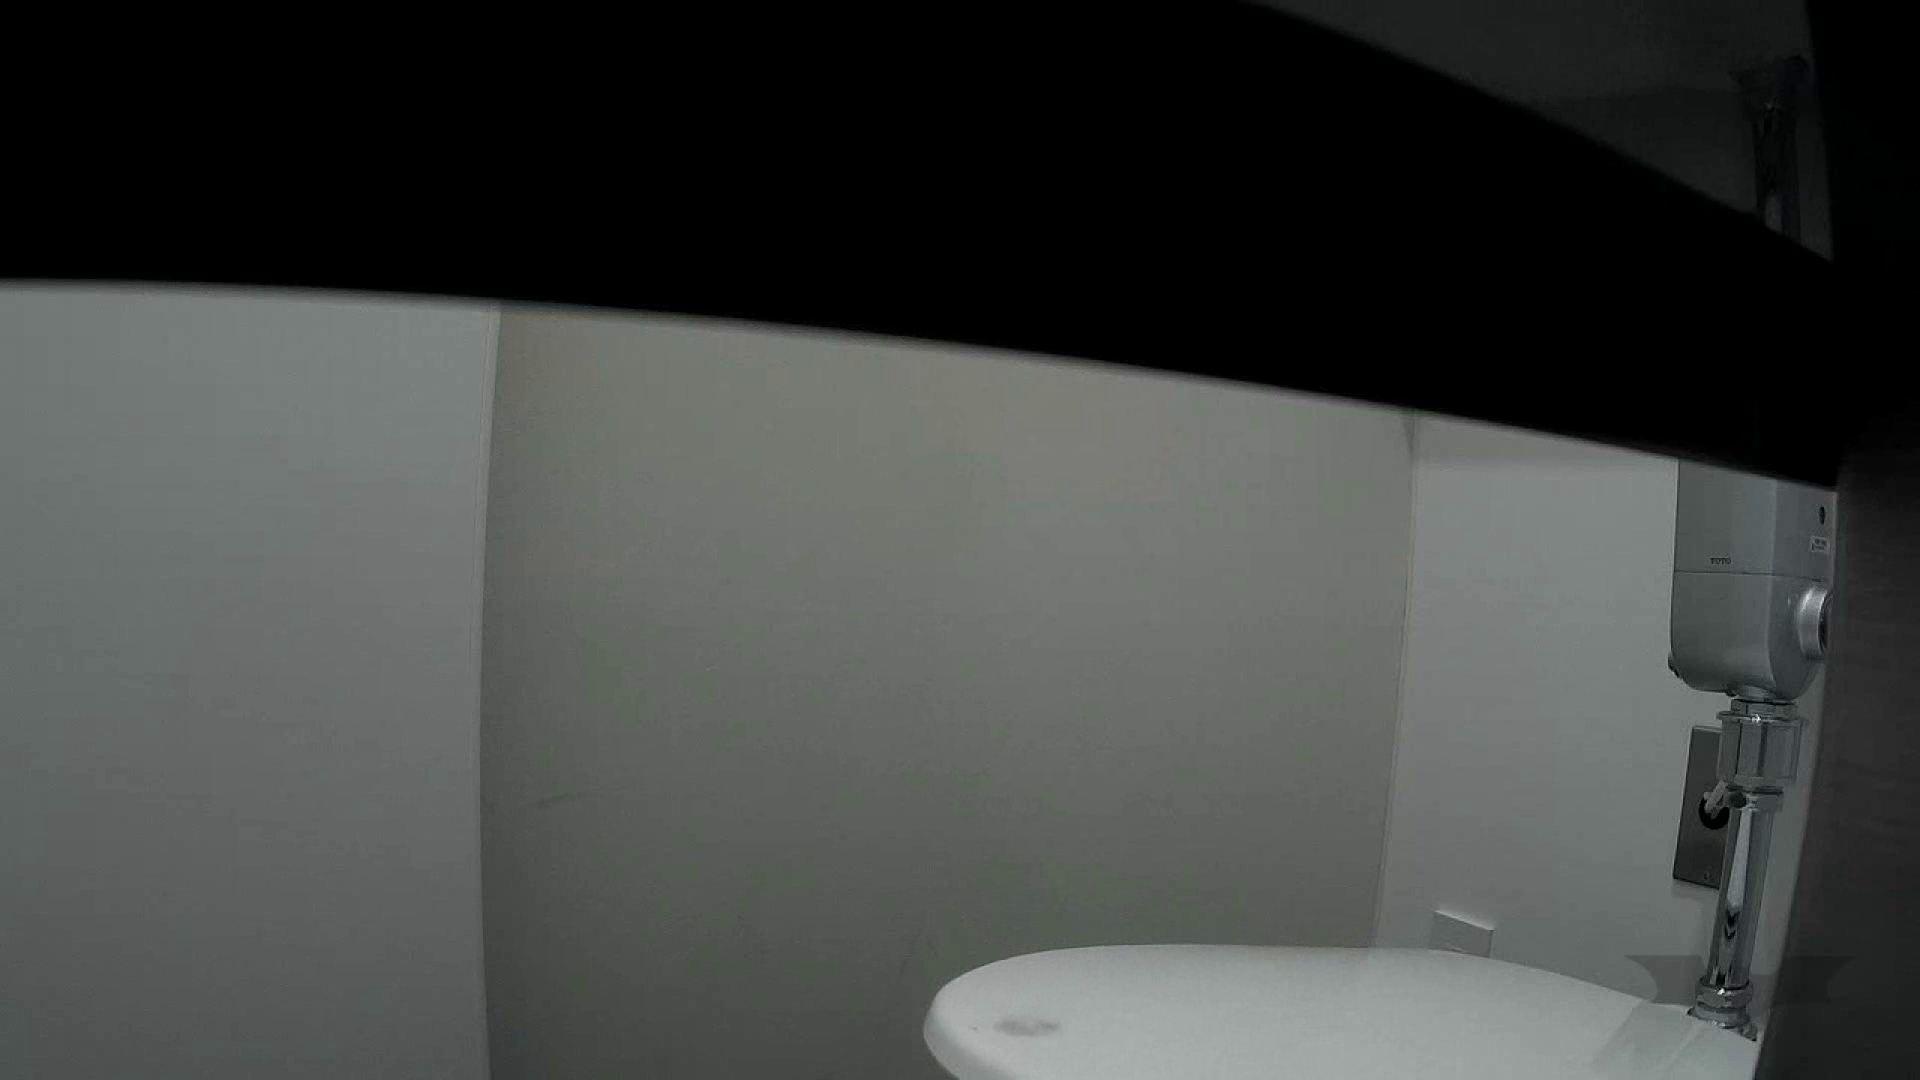 有名大学女性洗面所 vol.36 すっごい「ほじって」ます。 洗面所 すけべAV動画紹介 60pic 2